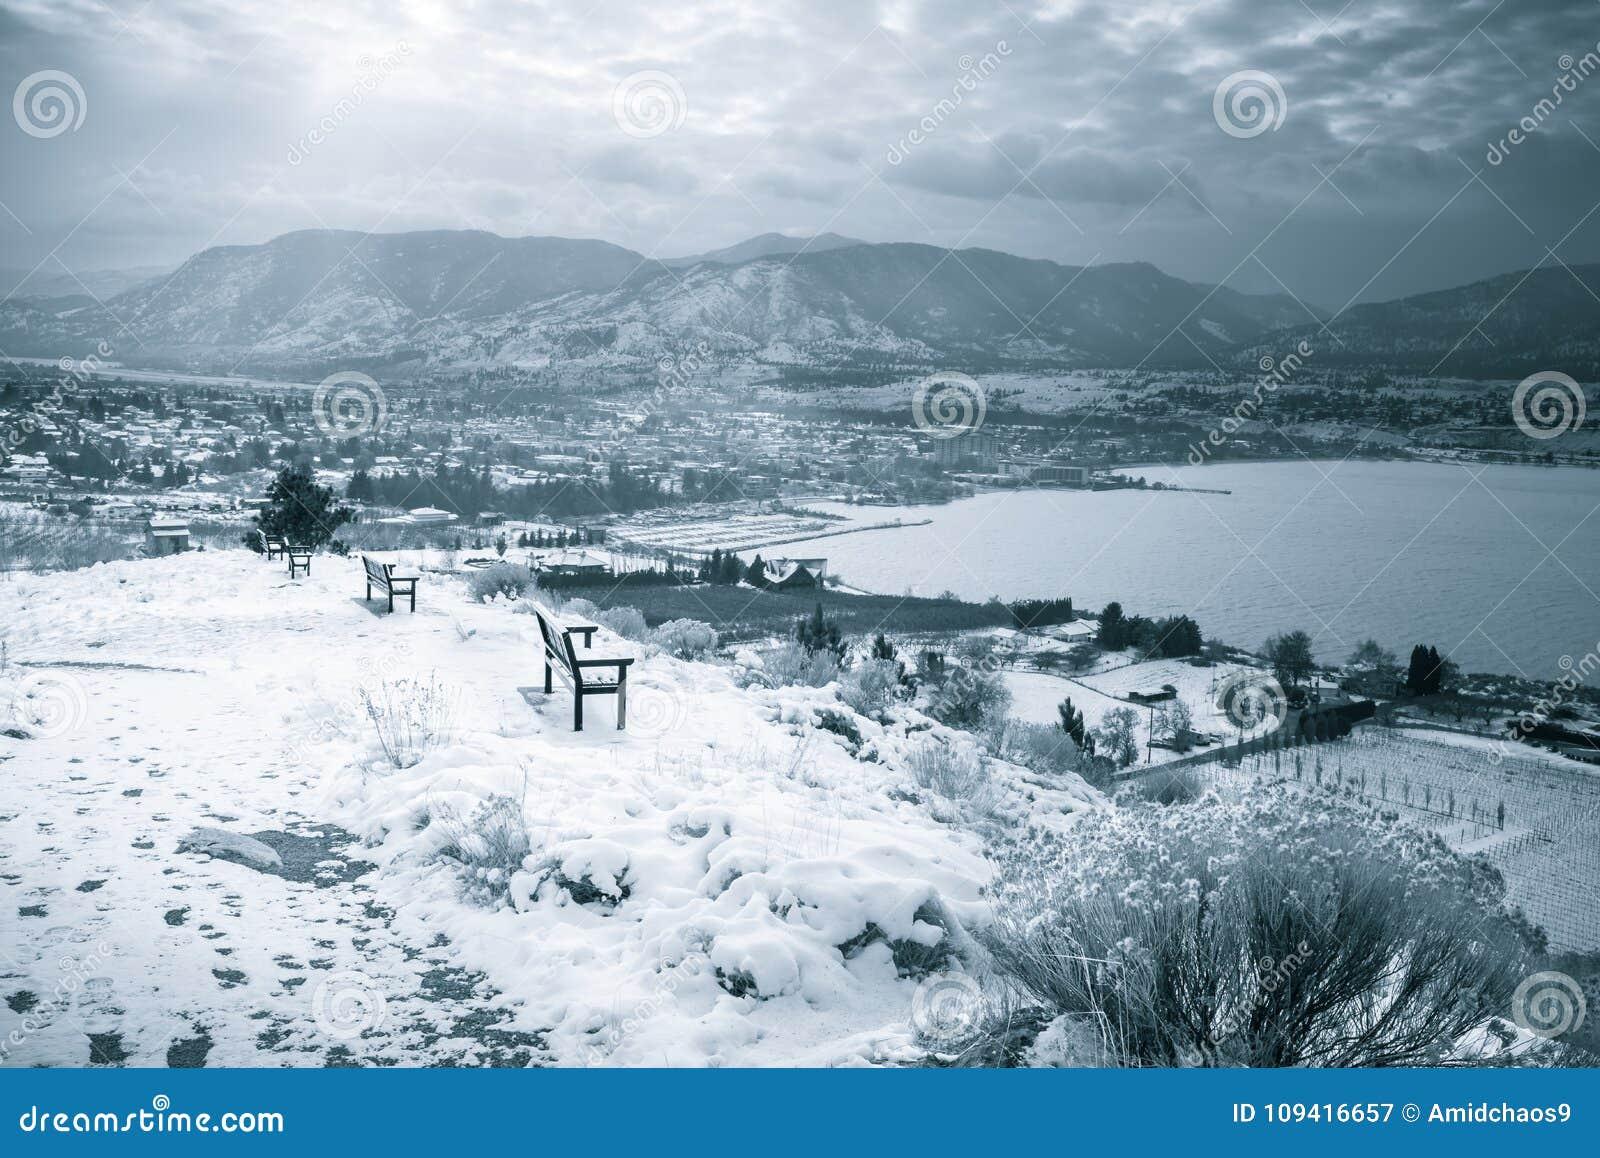 Vista del paesaggio di inverno della città, del lago e delle montagne innevate